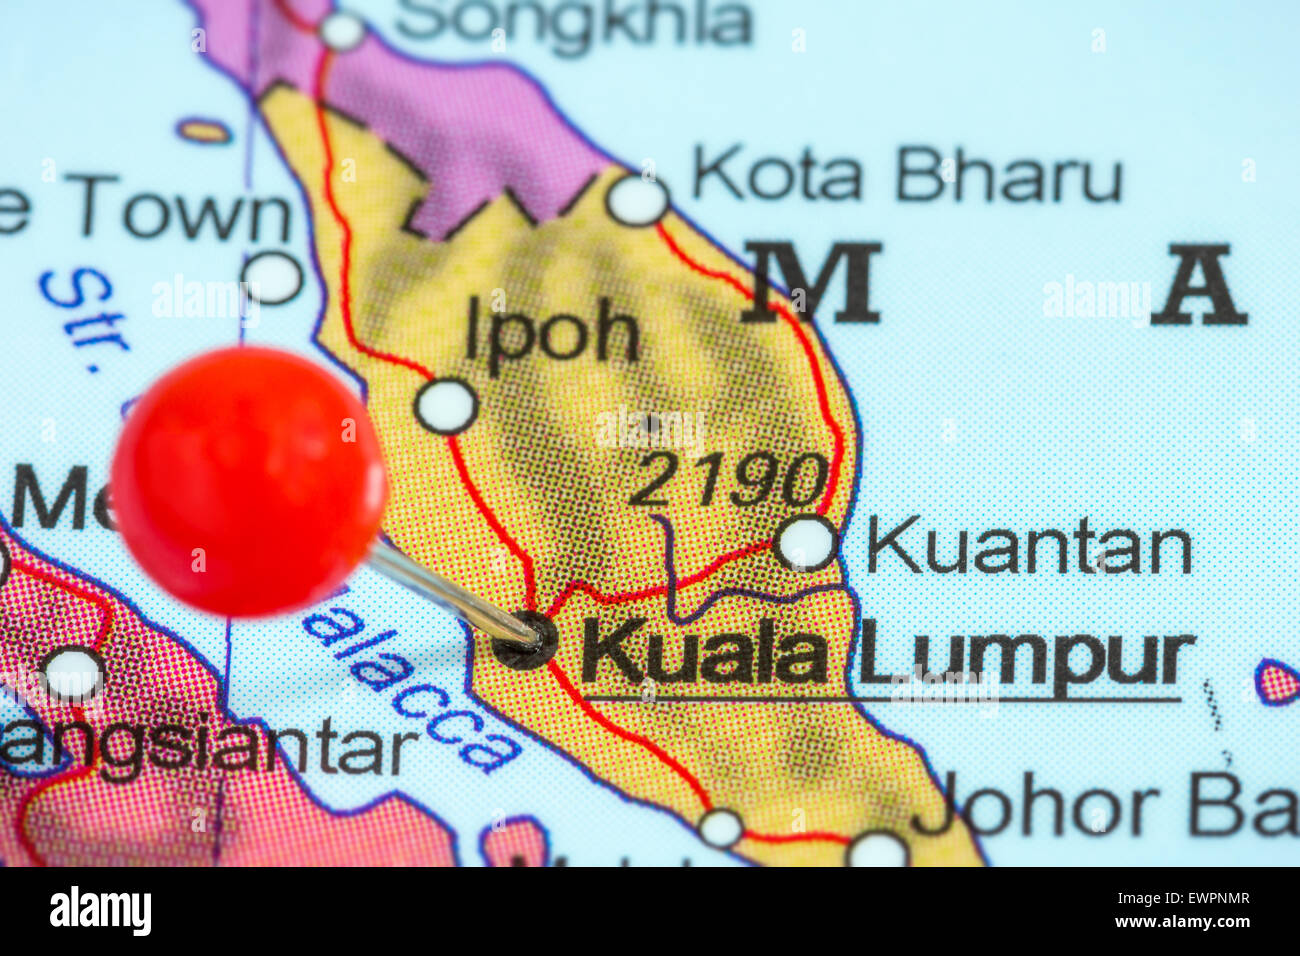 Close-up of a red pushpin on a map of Kuala Lumpur, Malaysia - Stock Image